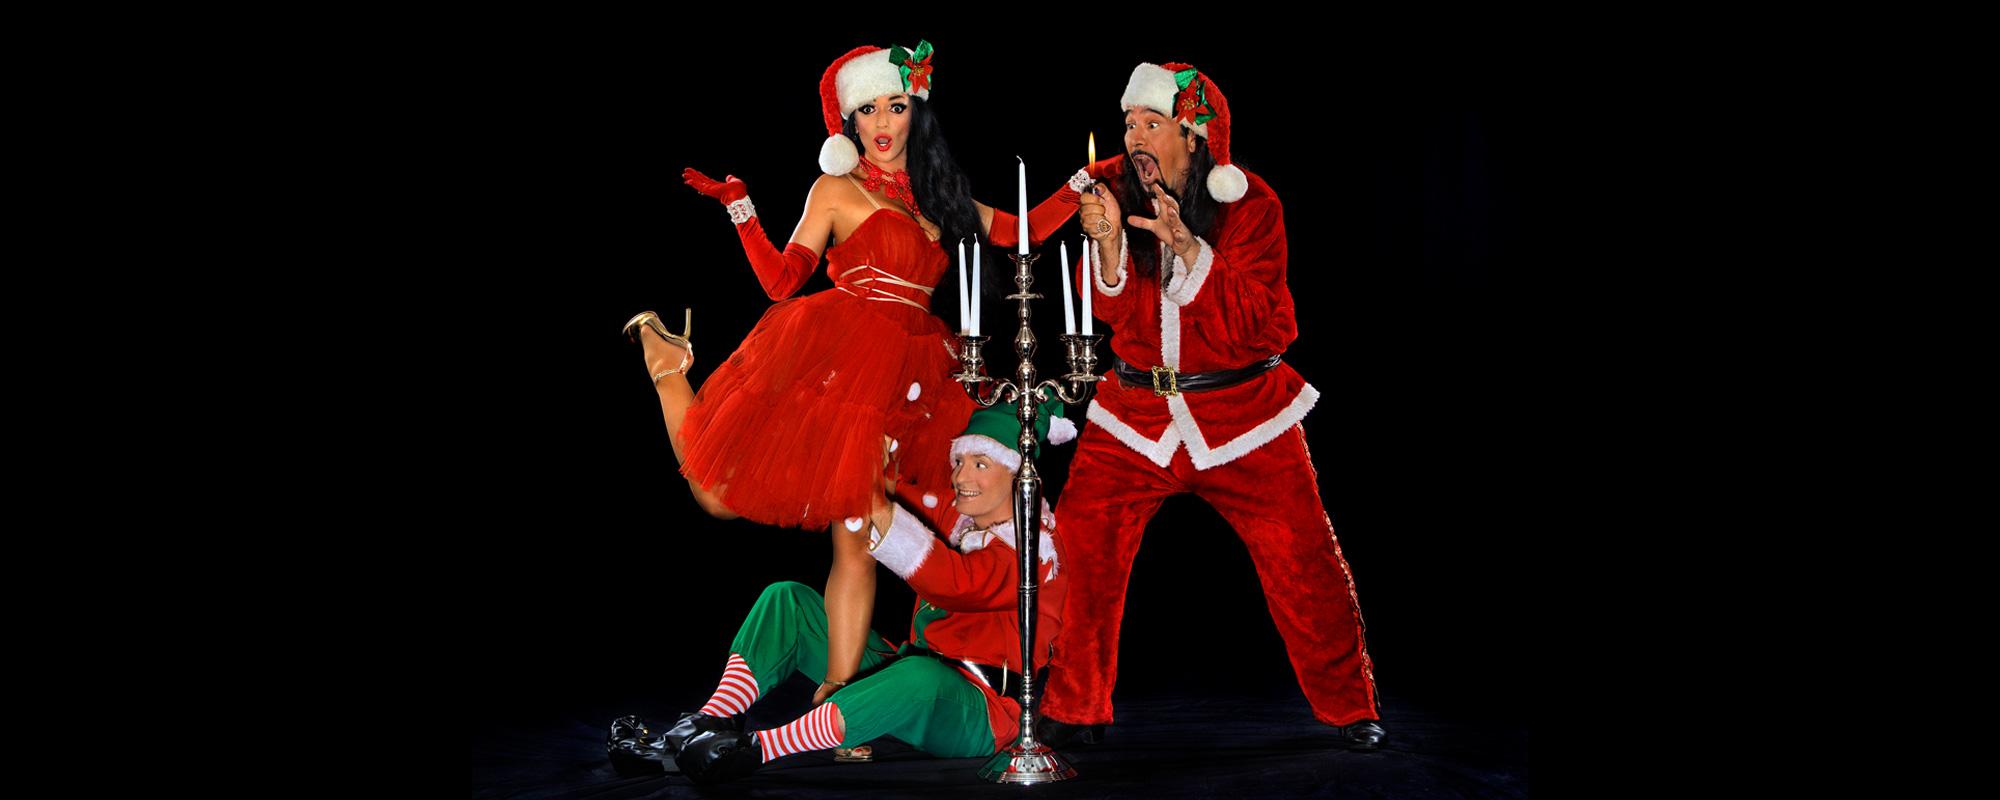 OH NÖ, SCHON WIEDER WEIHNACHTEN Eine nicht ganz ernst zu nehmende Weihnachtsshow mit Cara Ciutan